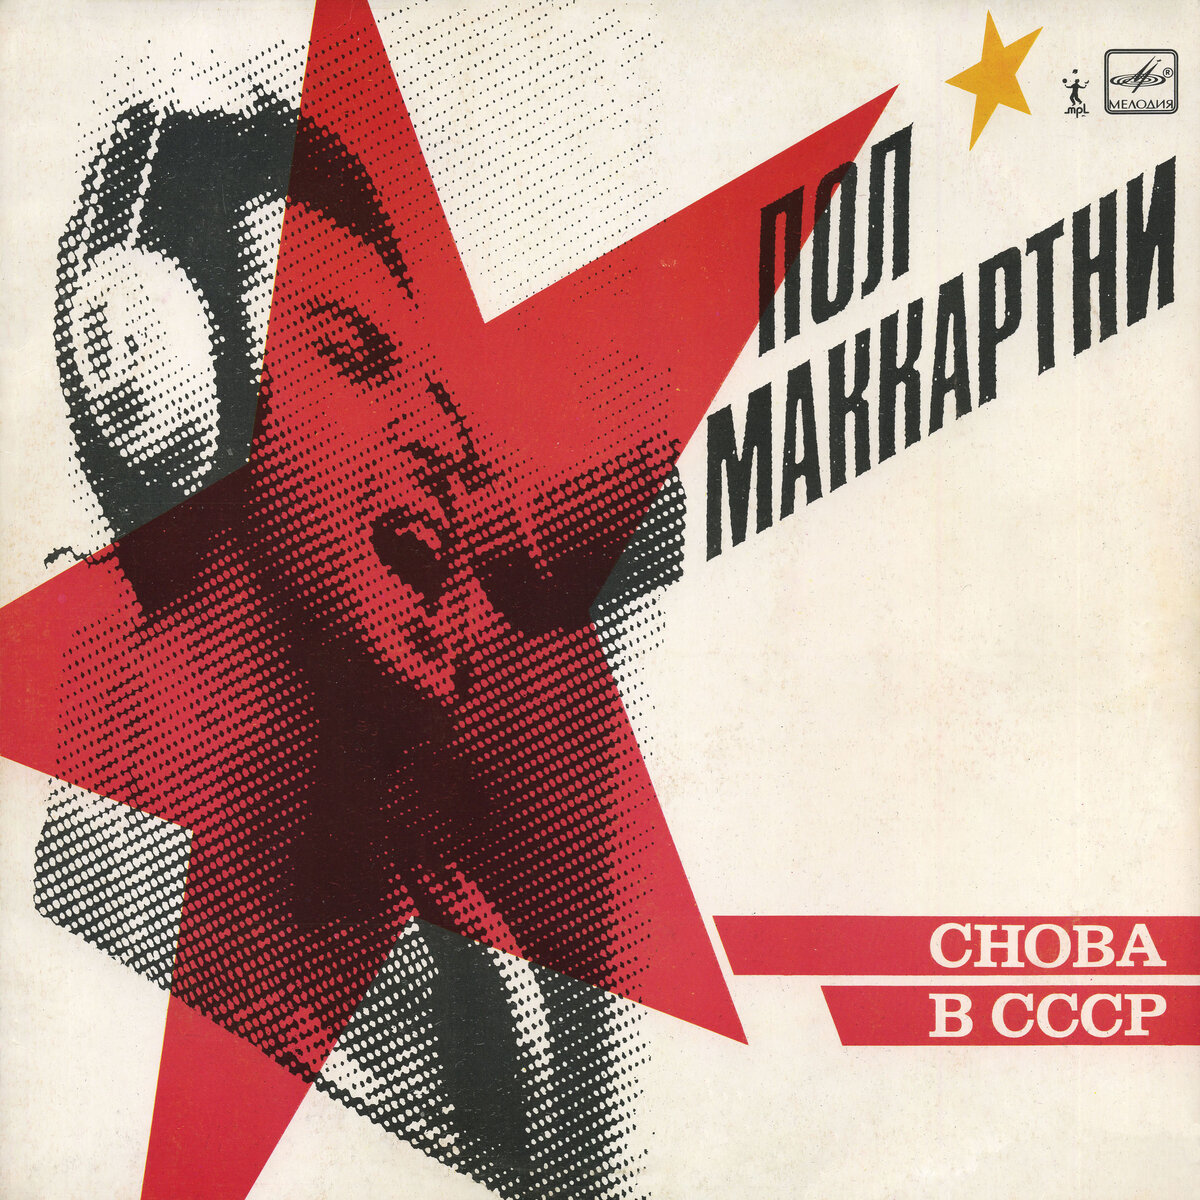 Пол Маккартни / Paul McCartney — Снова в СССР (1988 год), слушать онлайн, скачать mp3, скачать m4a (ALAC)